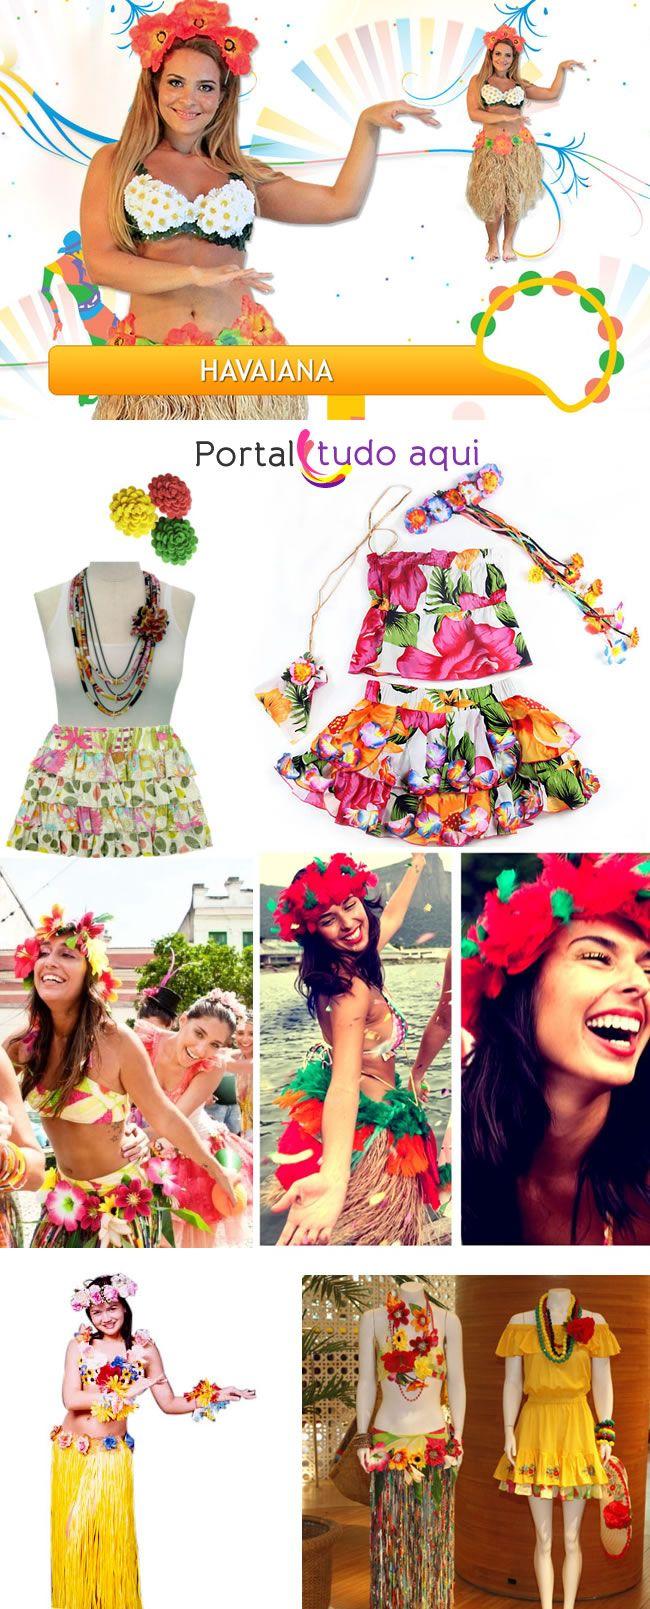 Fantasia Improvisada E Facil De Fazer Para O Carnaval Com Imagens